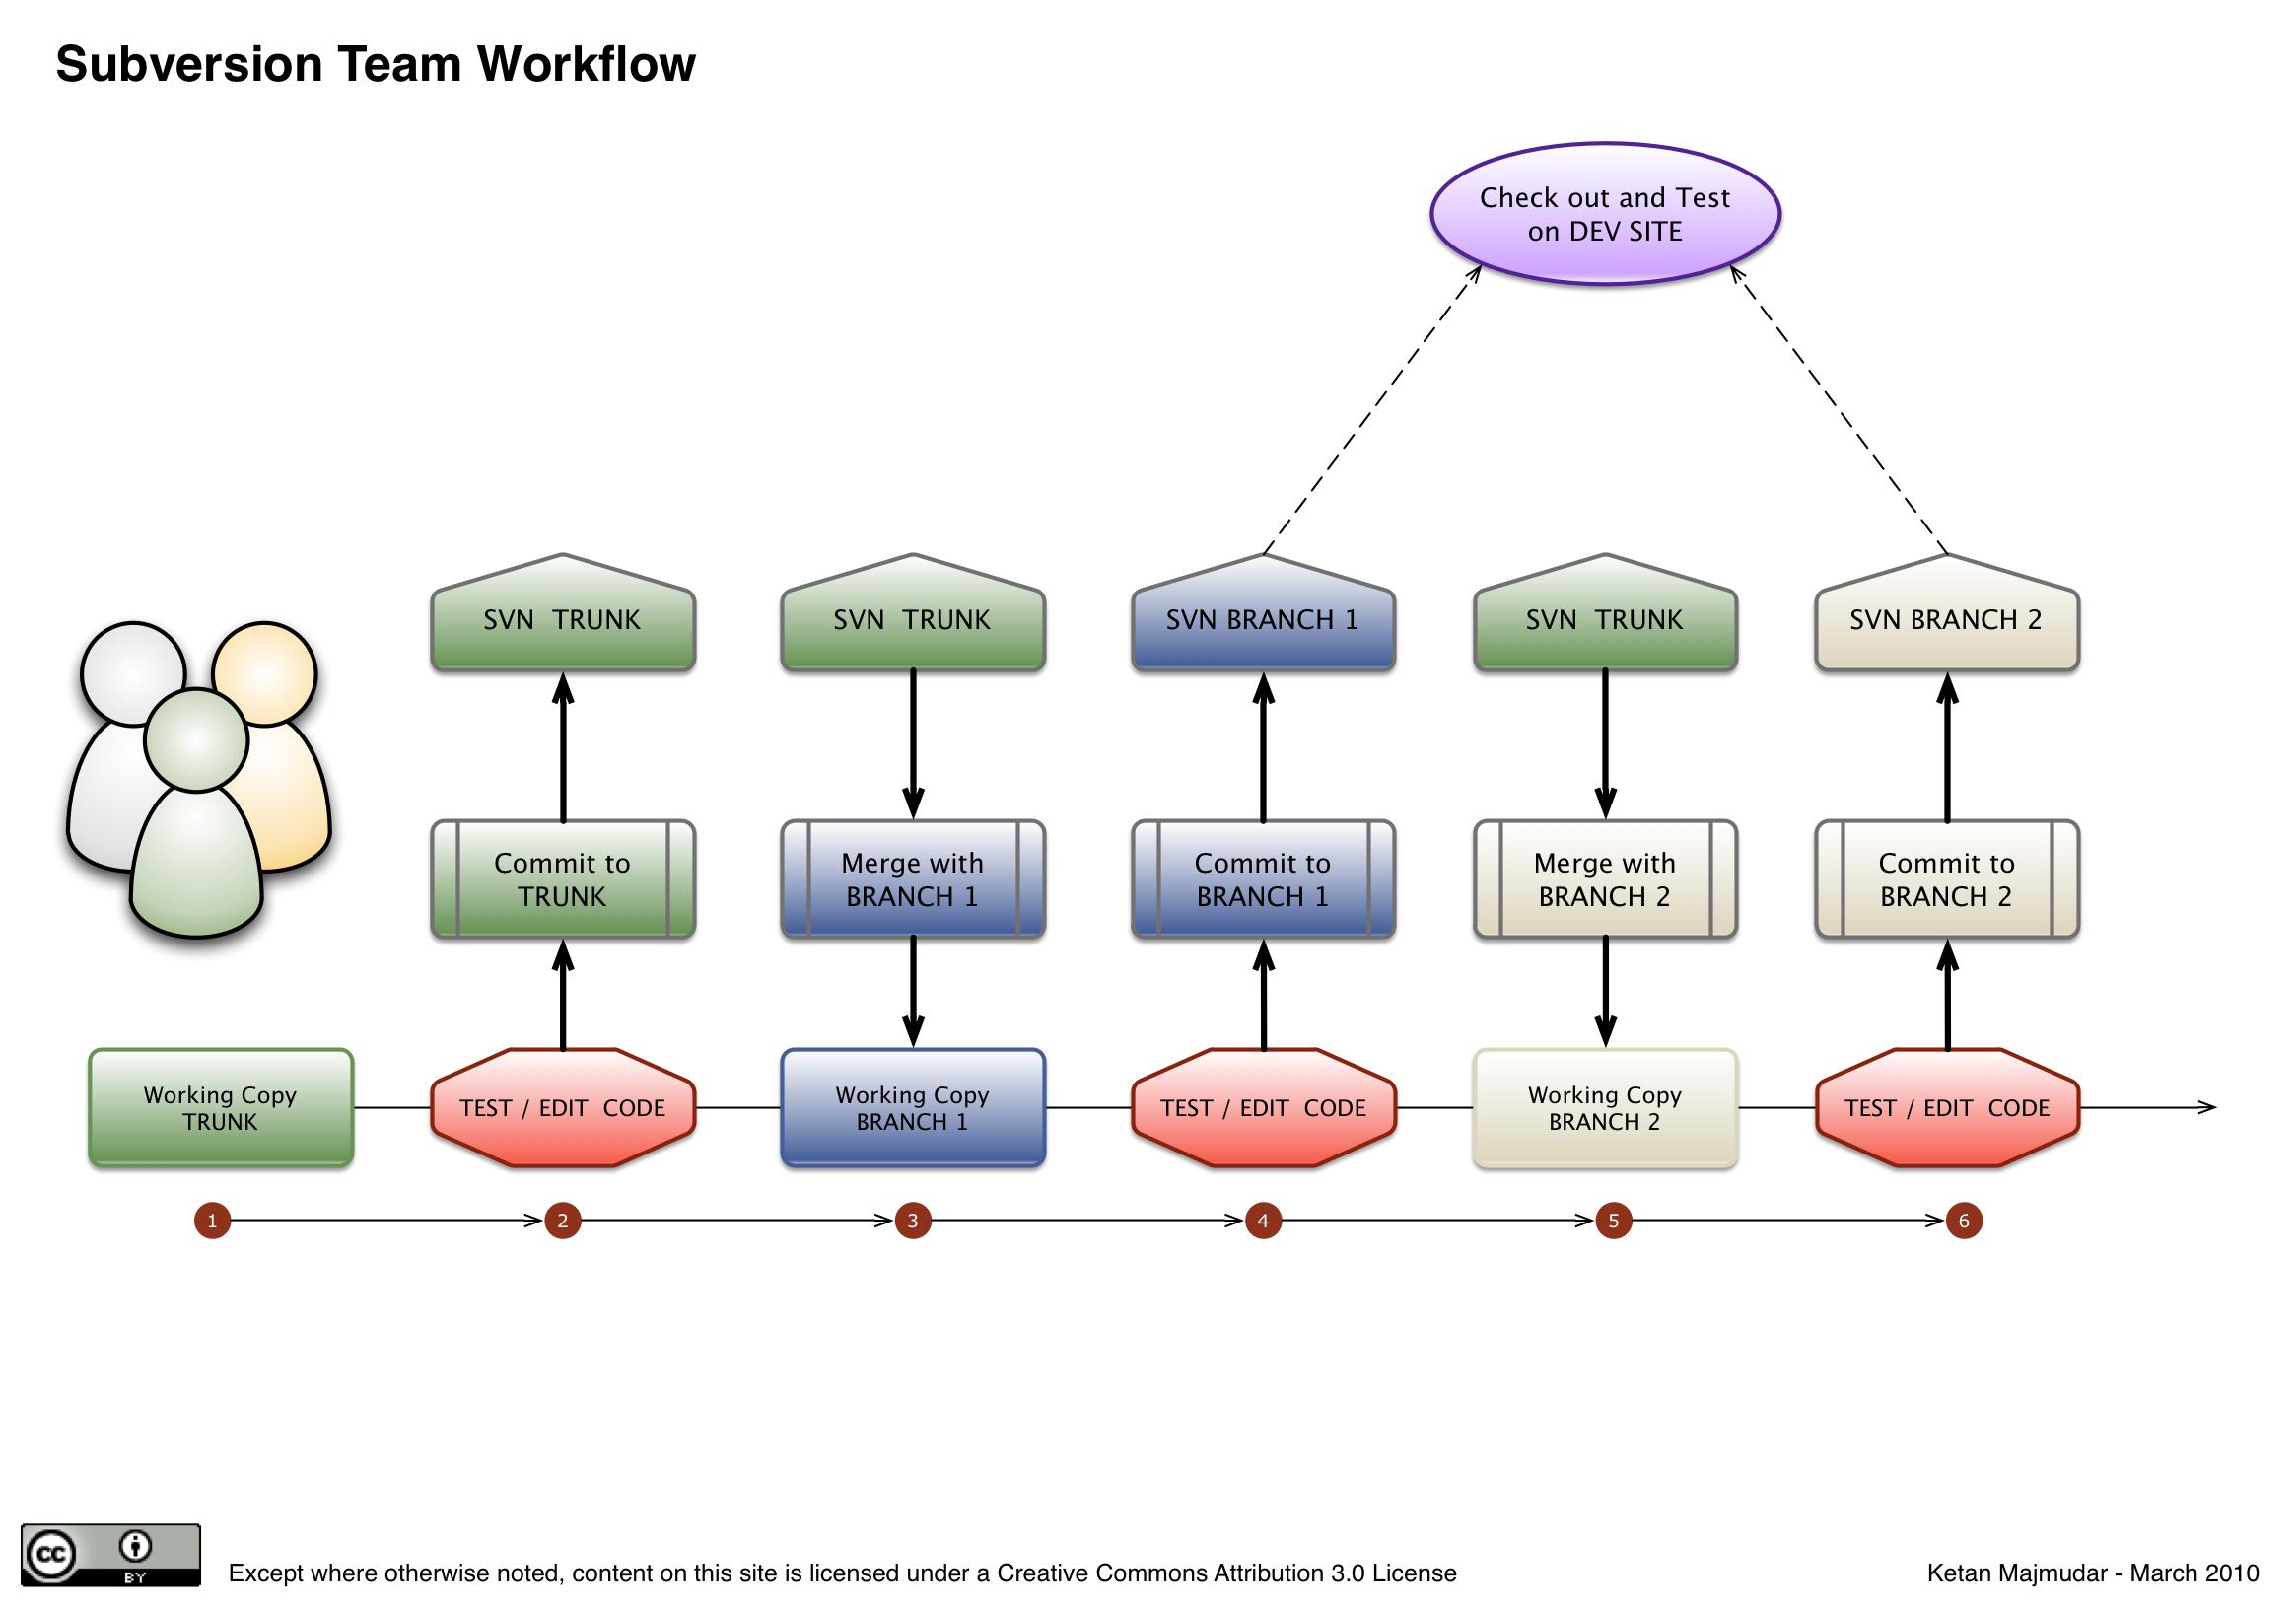 Subversion Team Workflow